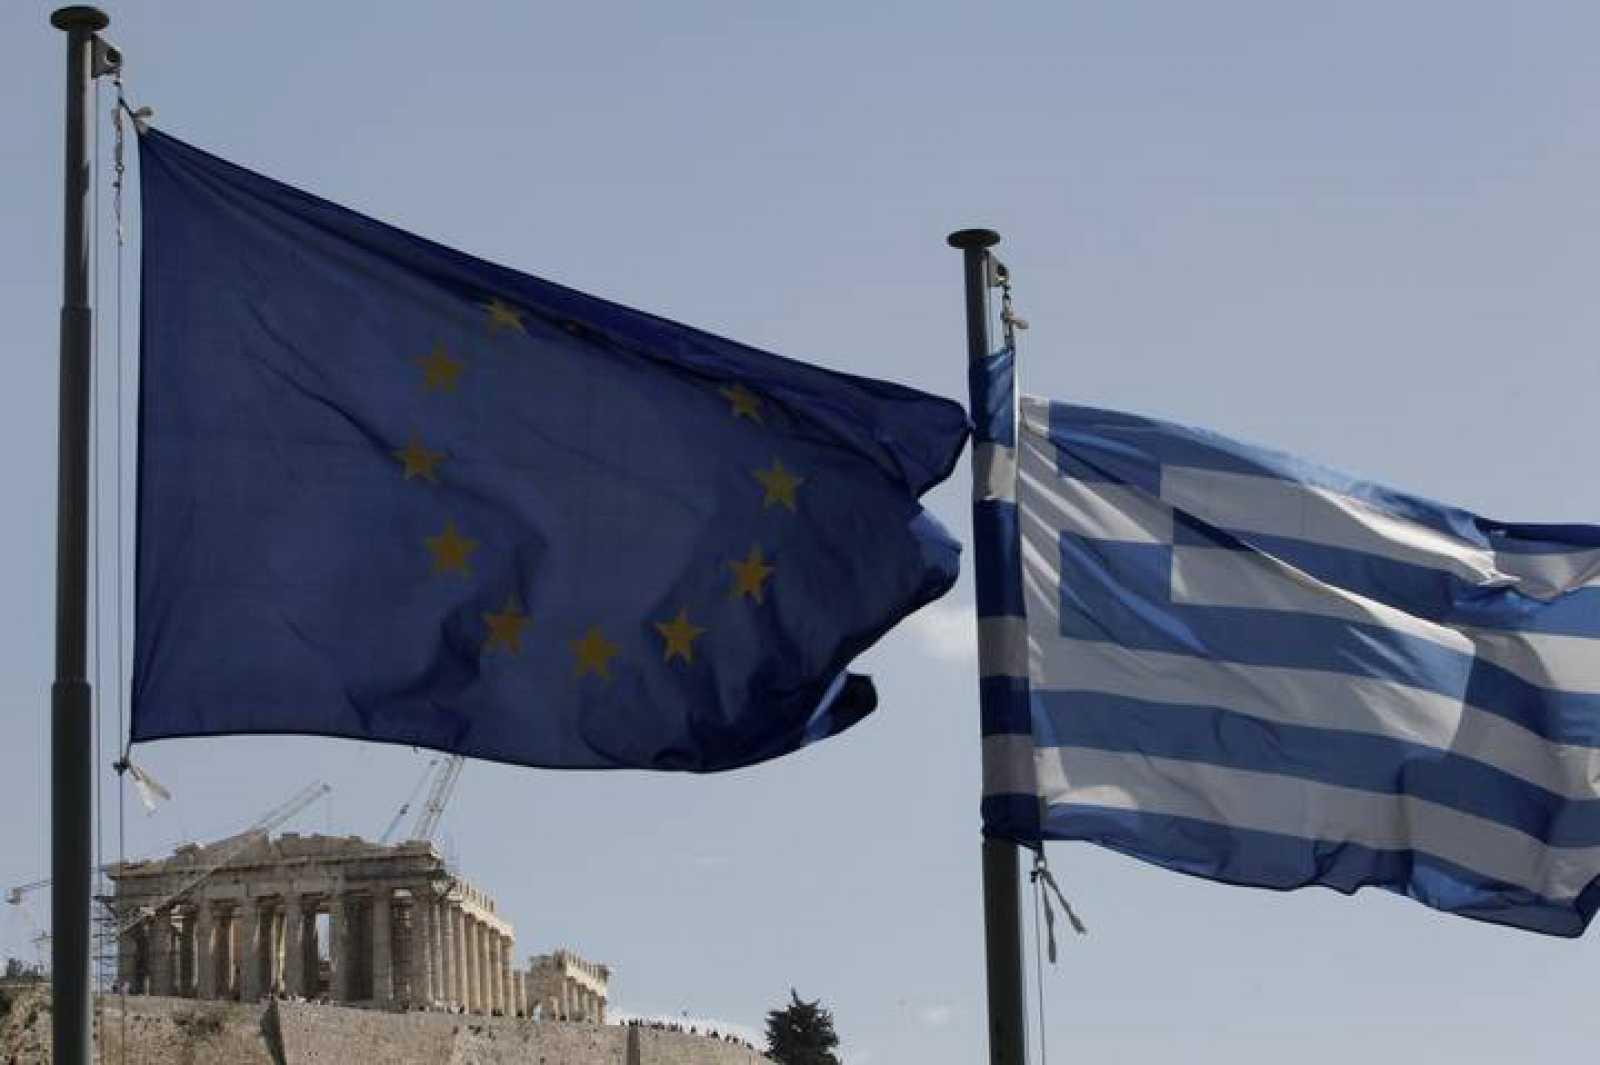 La bandera de la UE ondea junto a la de Grecia en las cercanías del Partenón